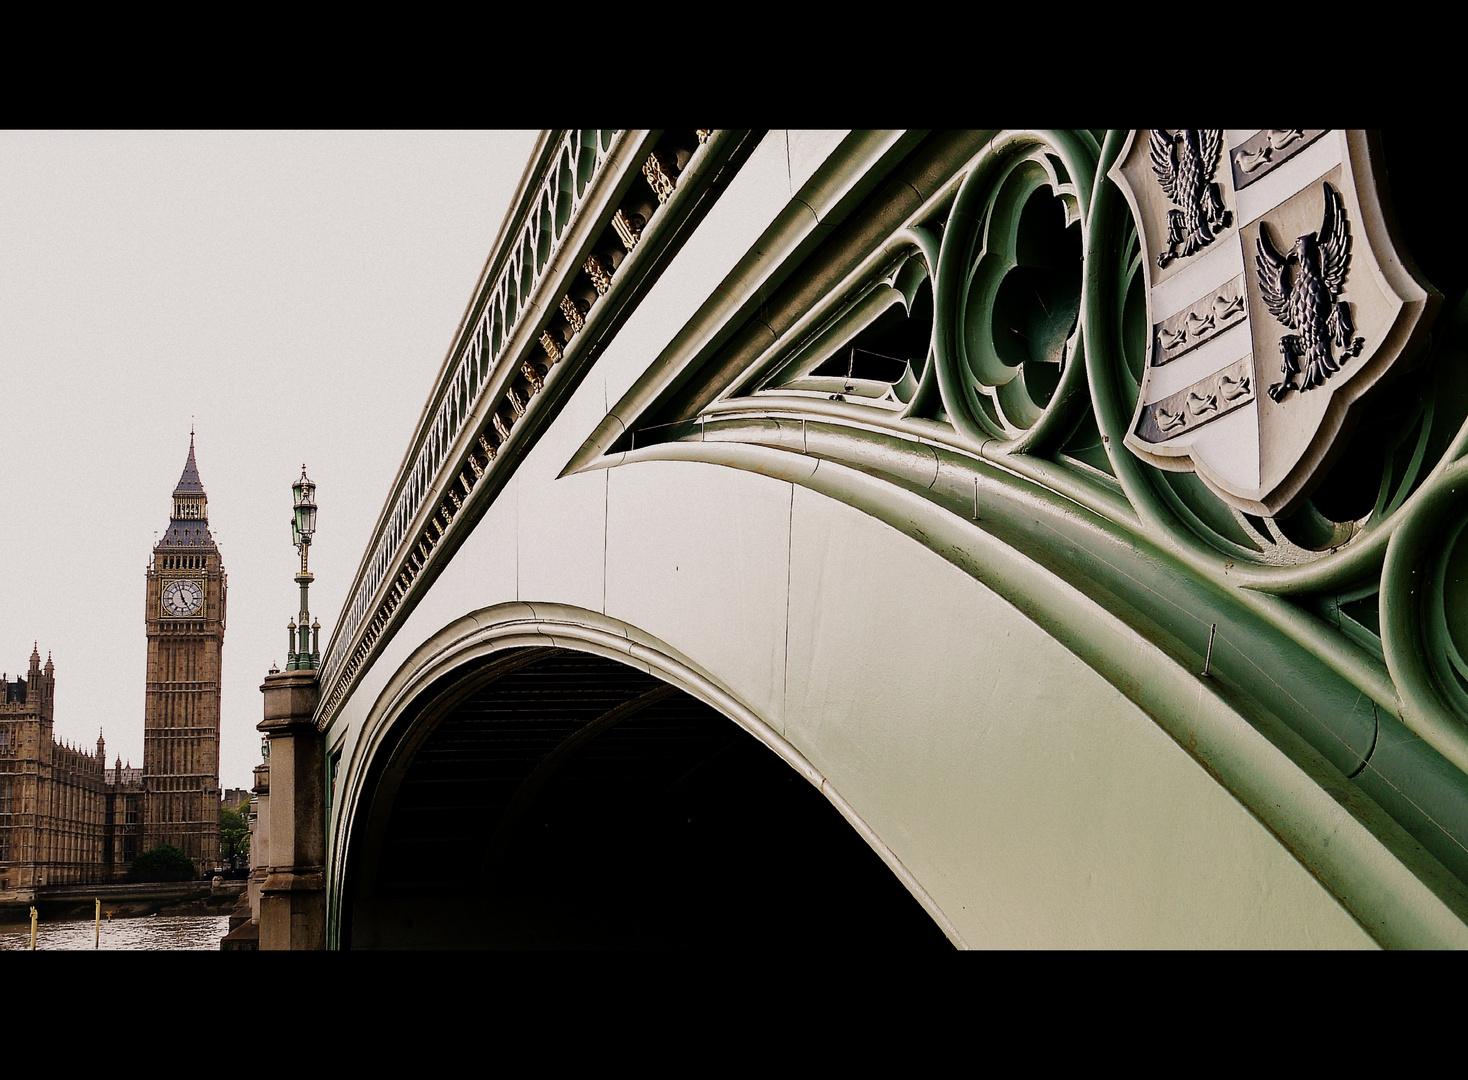 Westminster Bridge und Elizabeth Tower